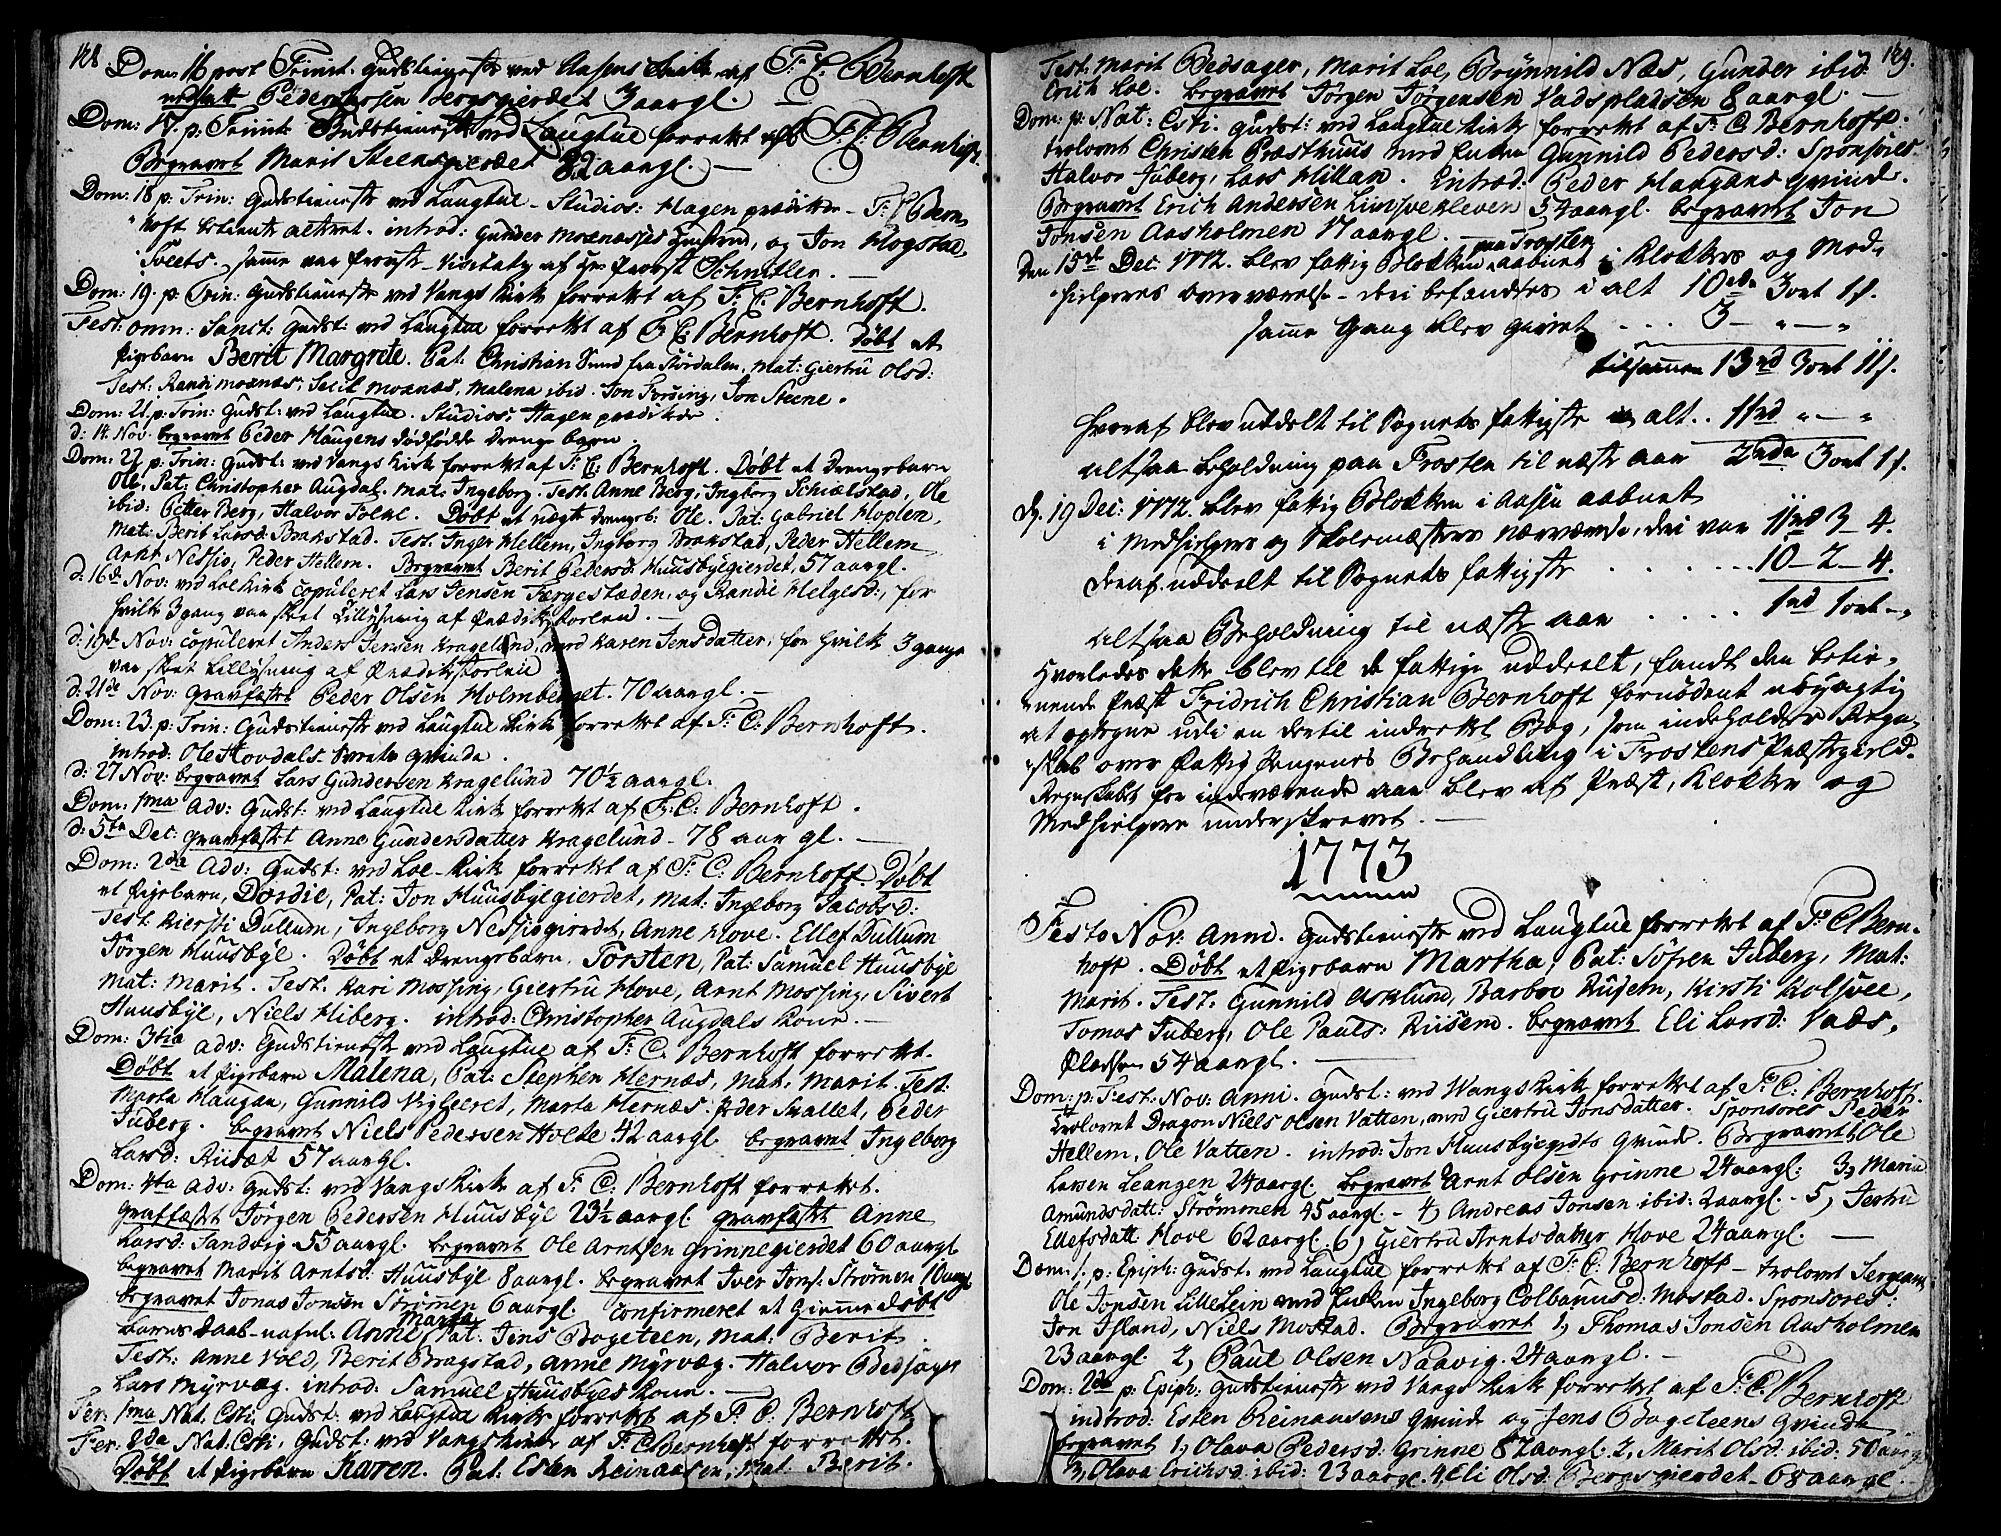 SAT, Ministerialprotokoller, klokkerbøker og fødselsregistre - Nord-Trøndelag, 713/L0109: Ministerialbok nr. 713A01, 1750-1778, s. 128-129